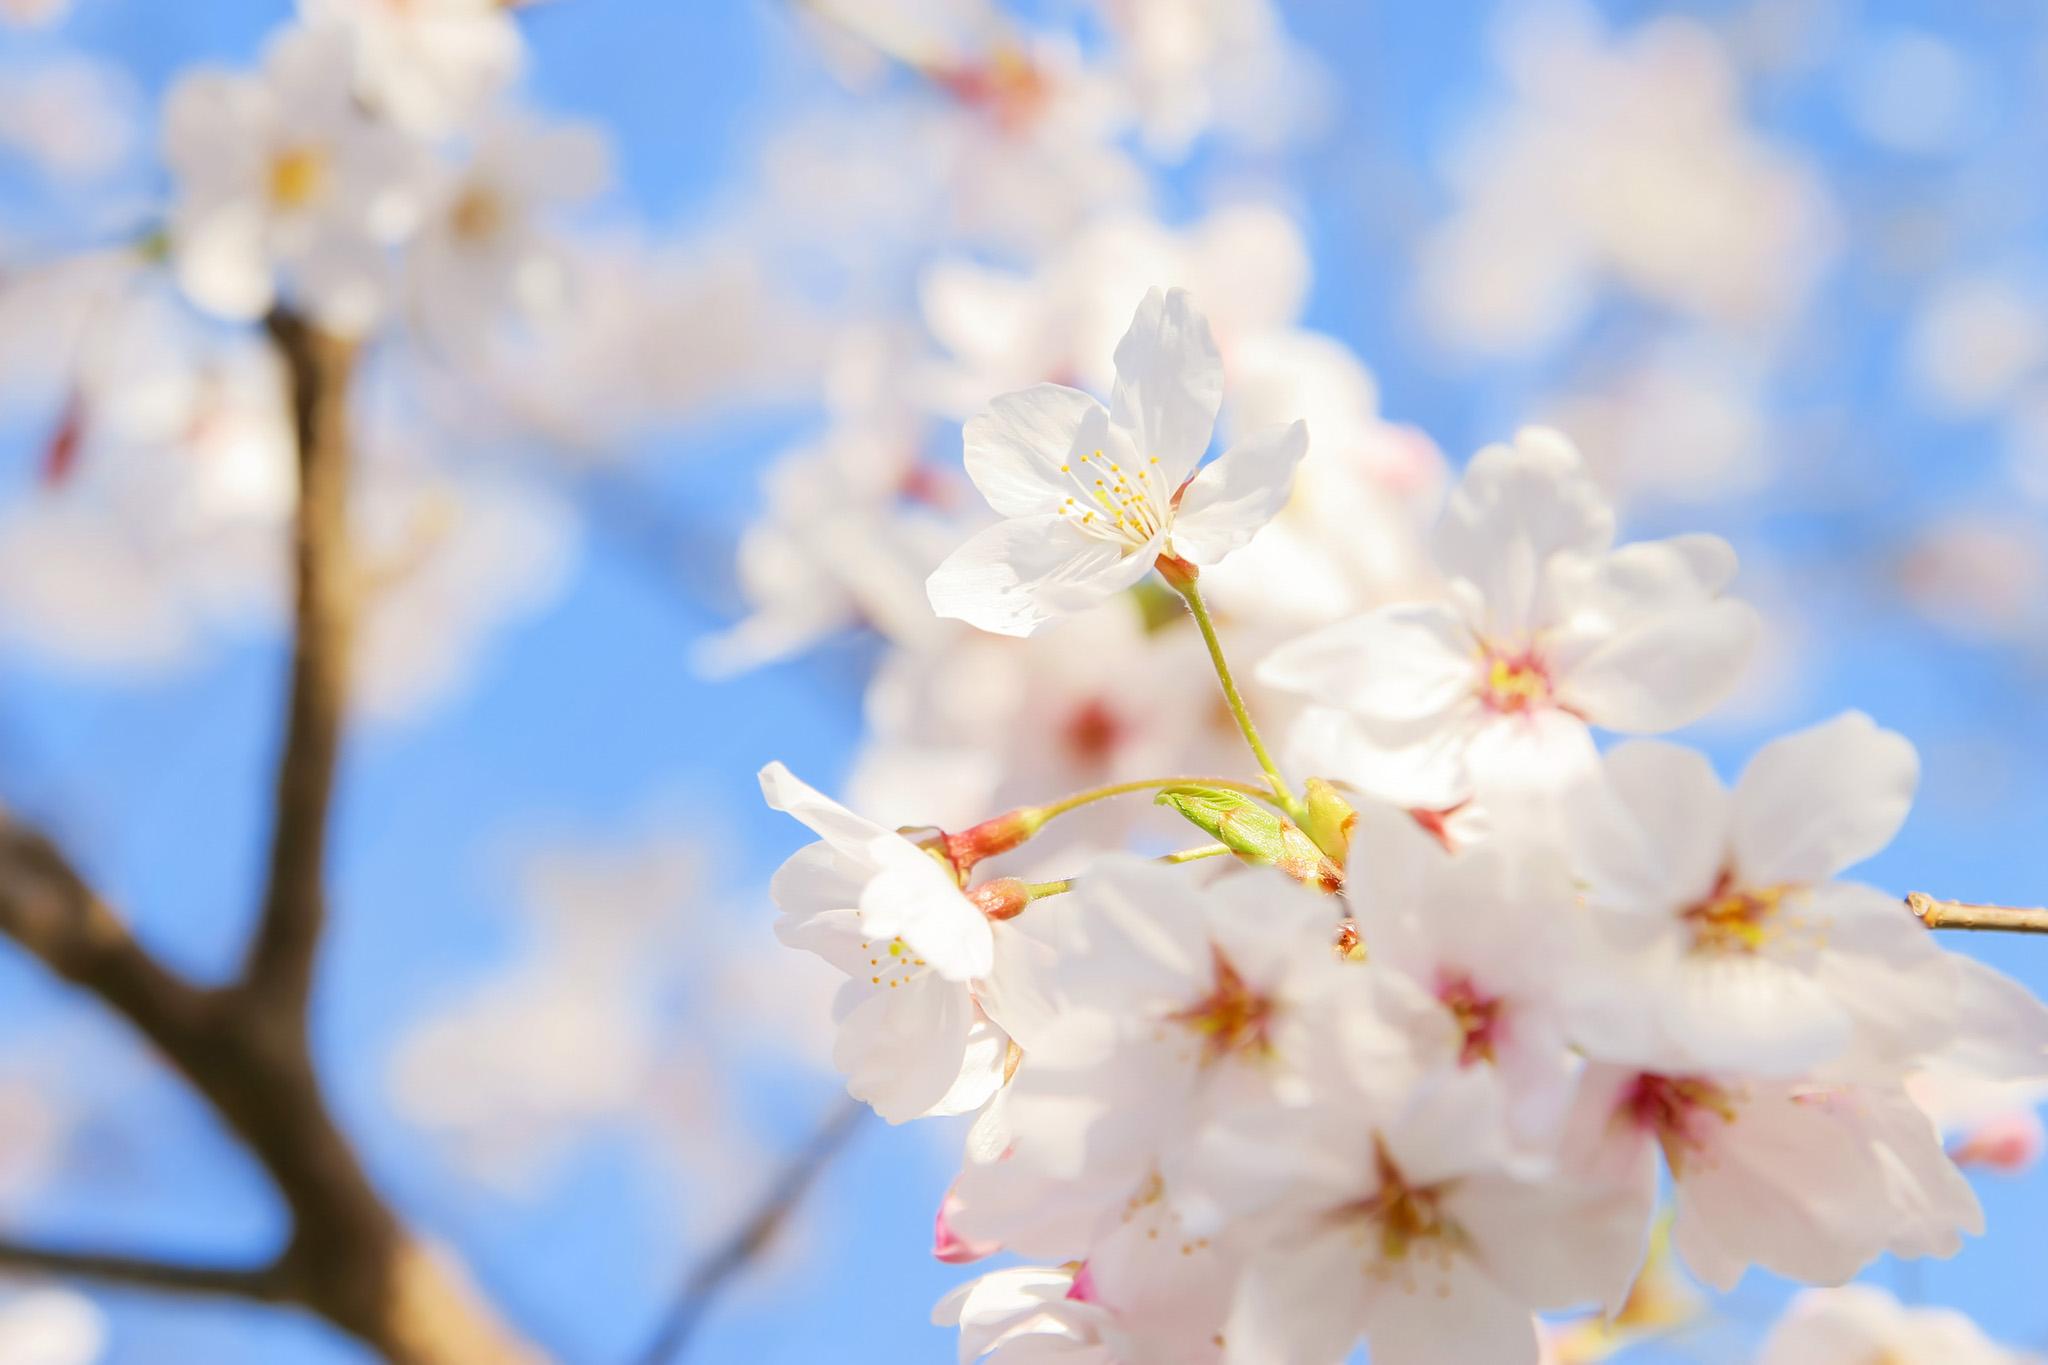 「桜の花と青い空の背景」の背景を無料ダウンロード